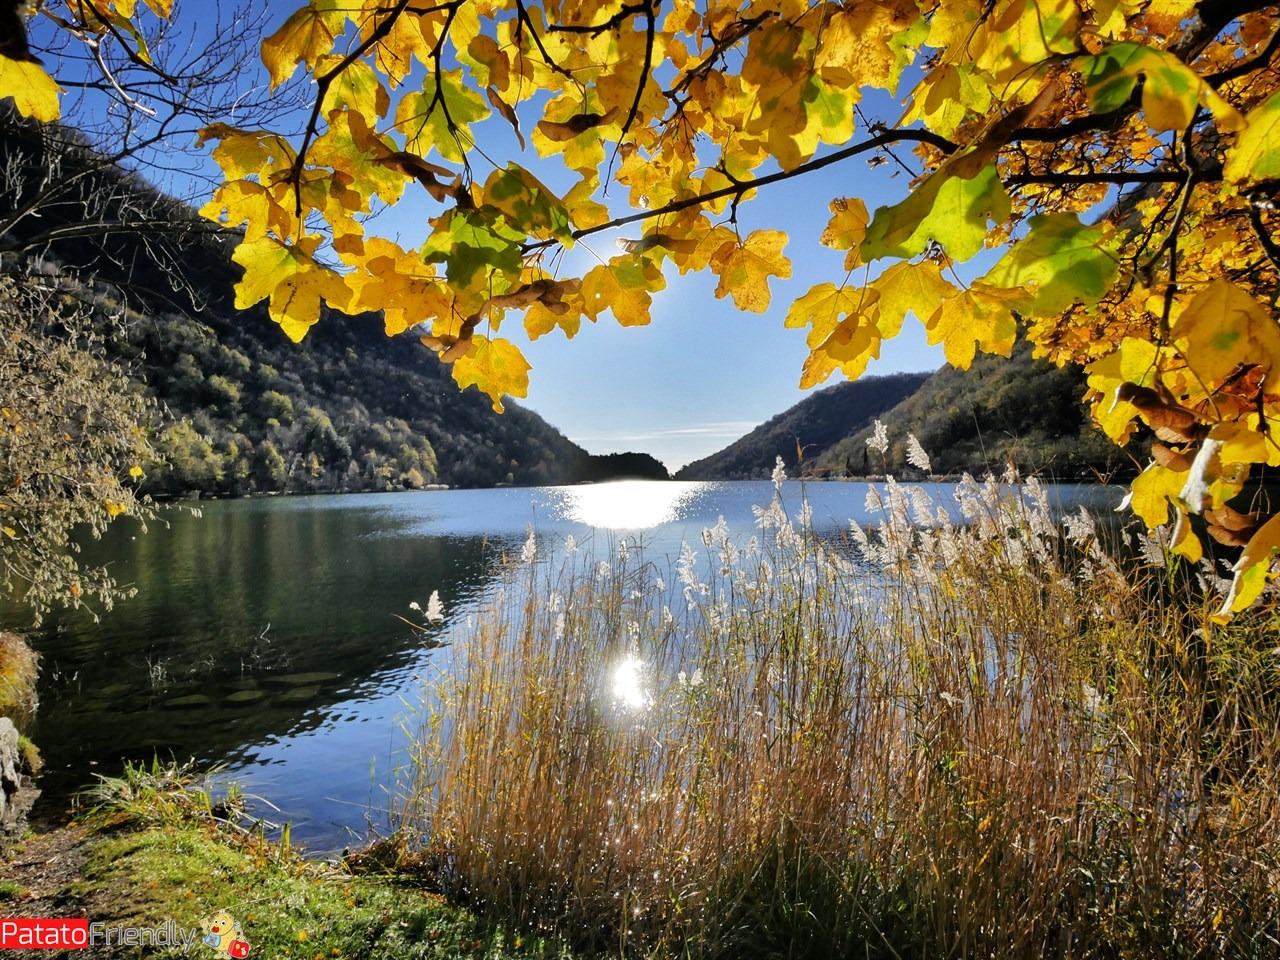 Una gita al lago vicino a milano il lago del segrino for Lago vicino milano